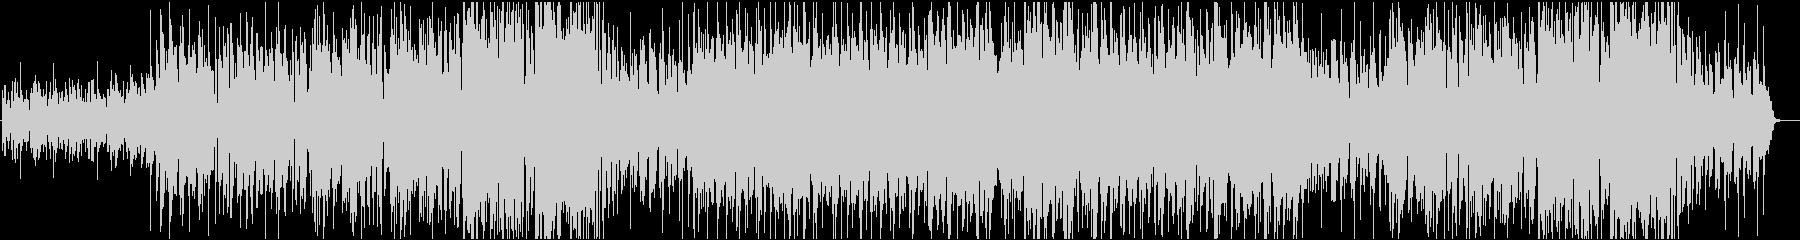 ウッドベースが印象的なラテンPOPの未再生の波形